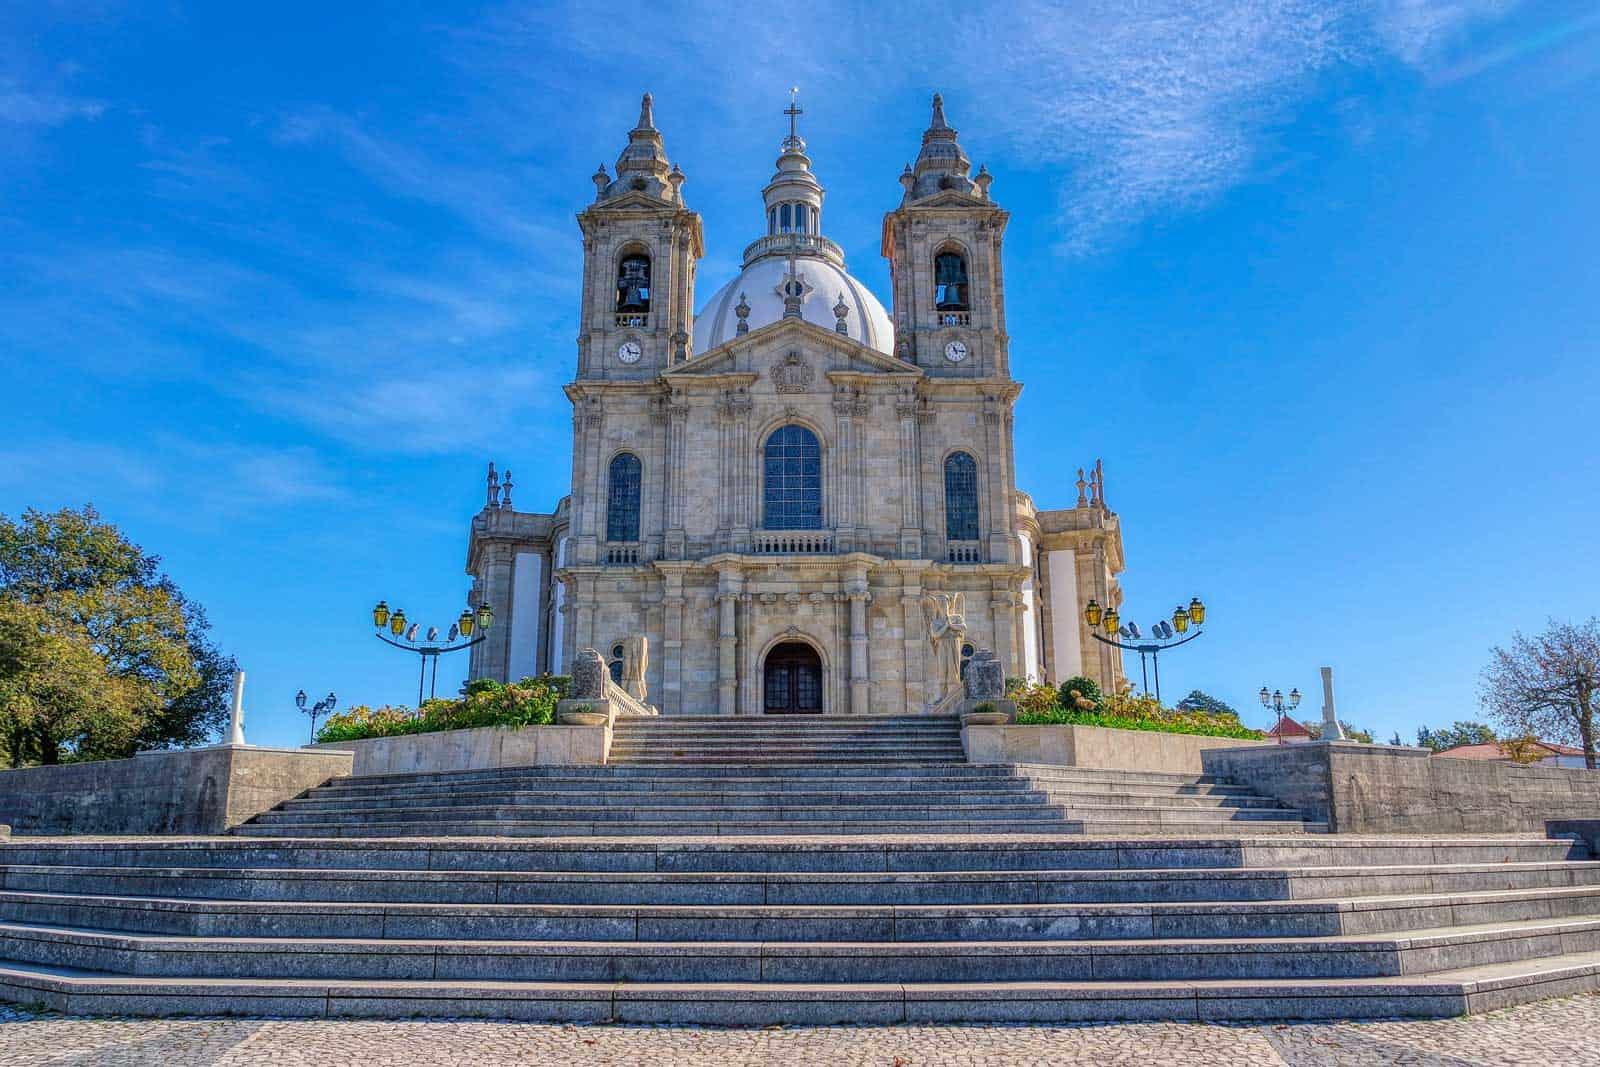 Marian shrines